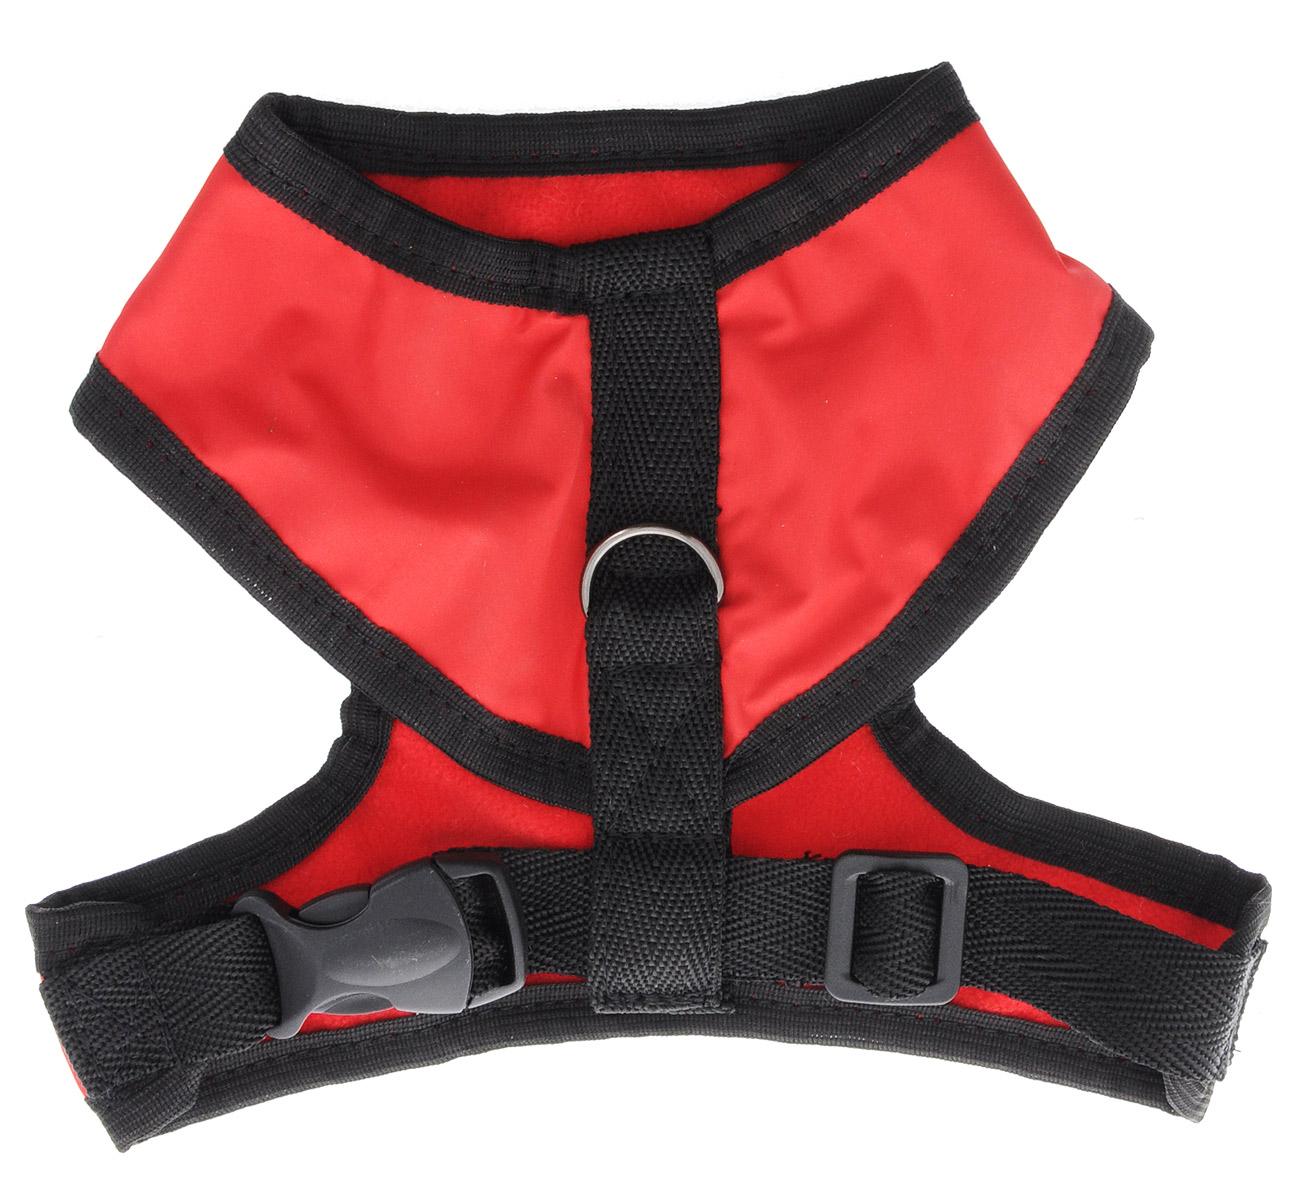 Шлейка для собак ЗооМарк, цвет: красный, красный флис, черный. Размер: 1Ш-1кШлейка для собак ЗооМарк выполнена из оксфорда, а на подкладке используется флис. Изделие оснащено специальным крючком, к которому вы с легкостью сможете прикрепить поводок. Шлейка имеет застежку фастекс и регулируется при помощи пряжки. Шлейка - это альтернатива ошейнику. Правильно подобранная шлейка не стесняет движения питомца, не натирает кожу, поэтому животное чувствует себя в ней уверенно и комфортно. Изделие отличается высоким качеством, удобством и универсальностью. Обхват груди: 22-25 см. Длина спинки: 14 см. Ширина ремней: 2 см.